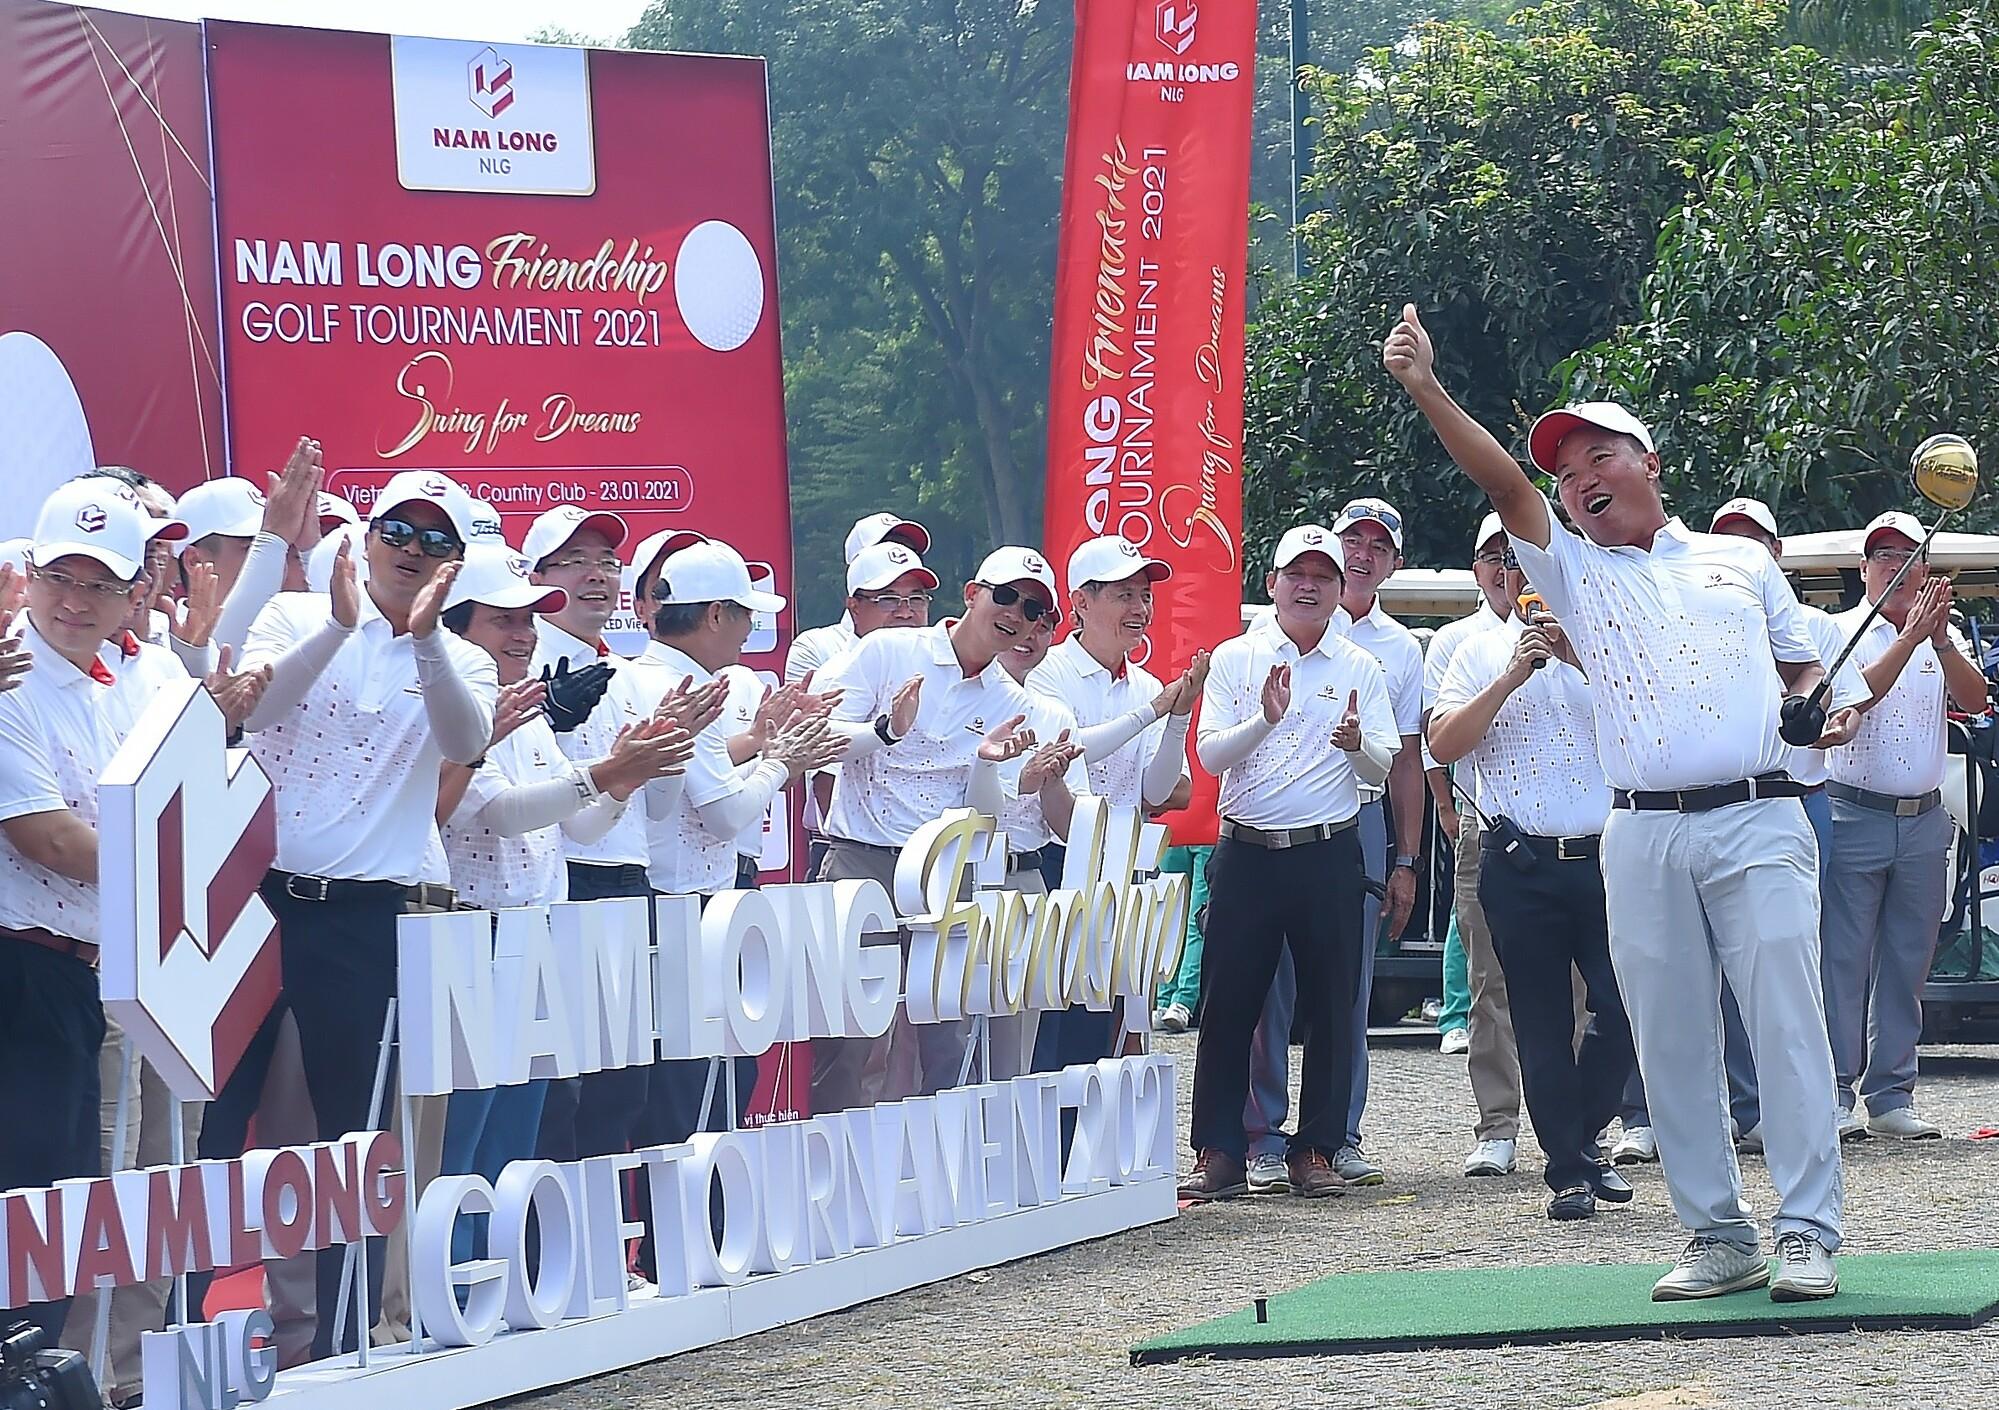 Các golf thủ tranh tài tại giải golf do Nam Long tổ chức. Ảnh: Nam Long.